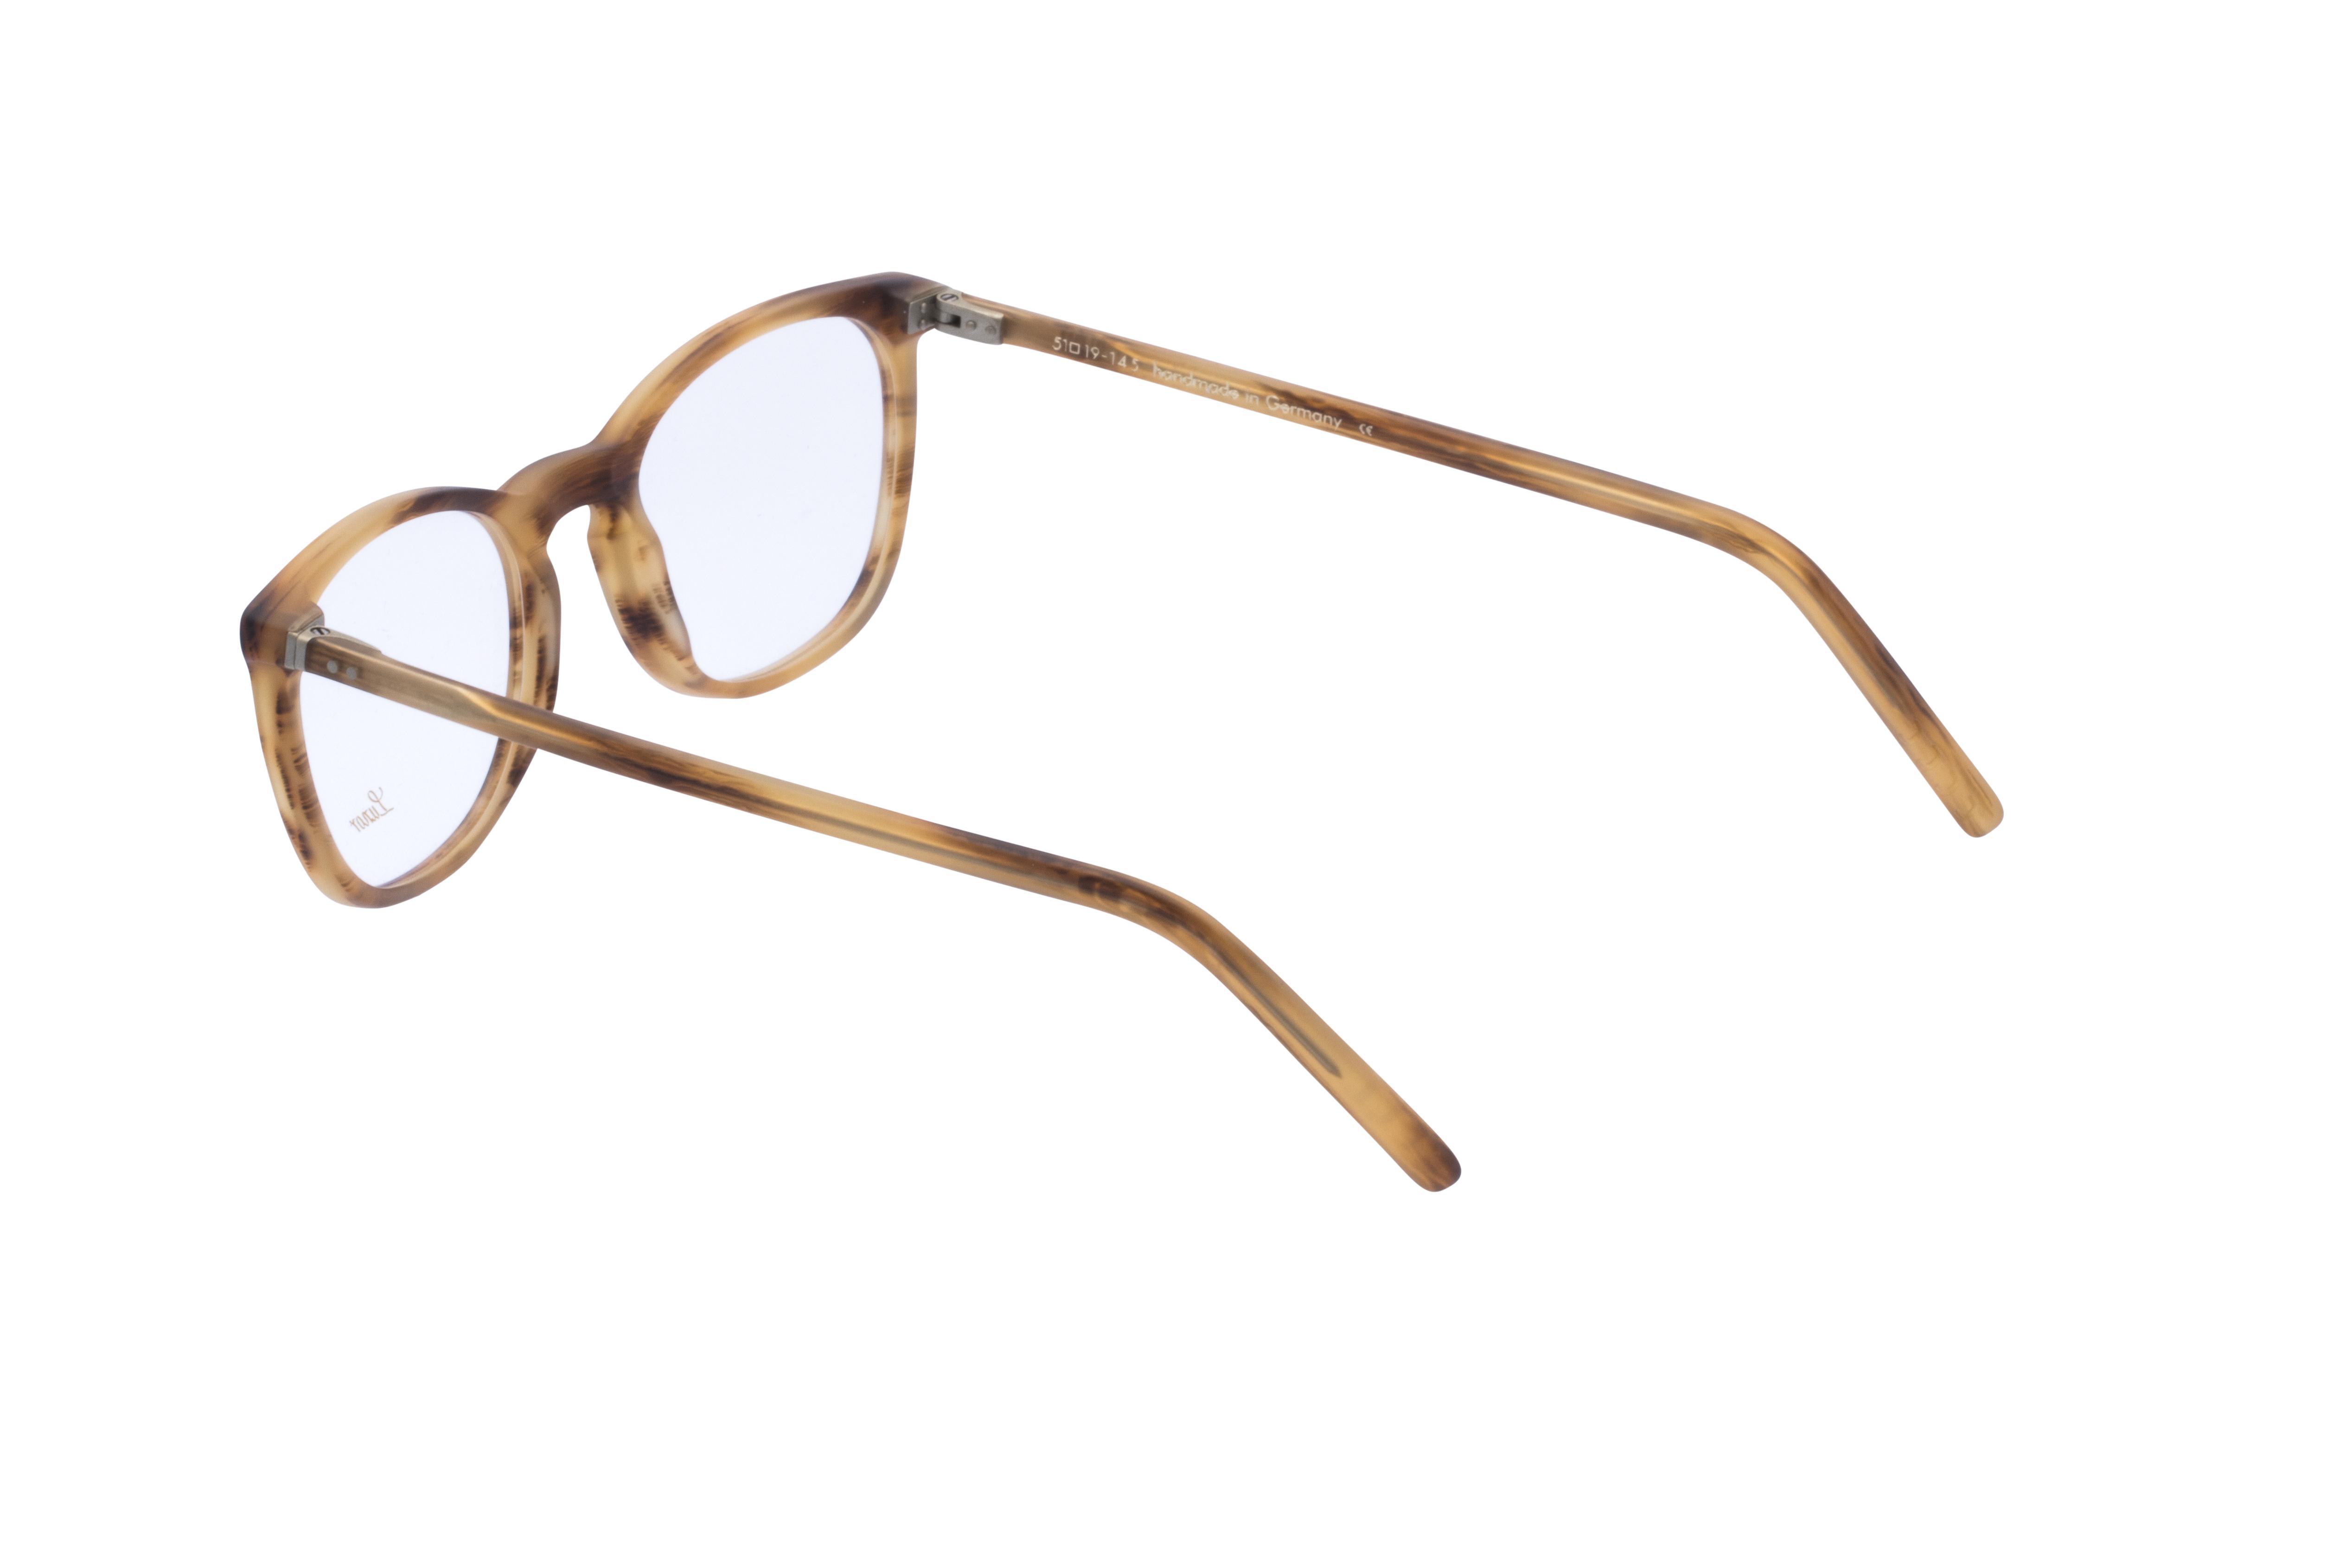 360 Grad Ansicht 16 Lunor 312, Brille auf Weiß - Fassung bei KUNK